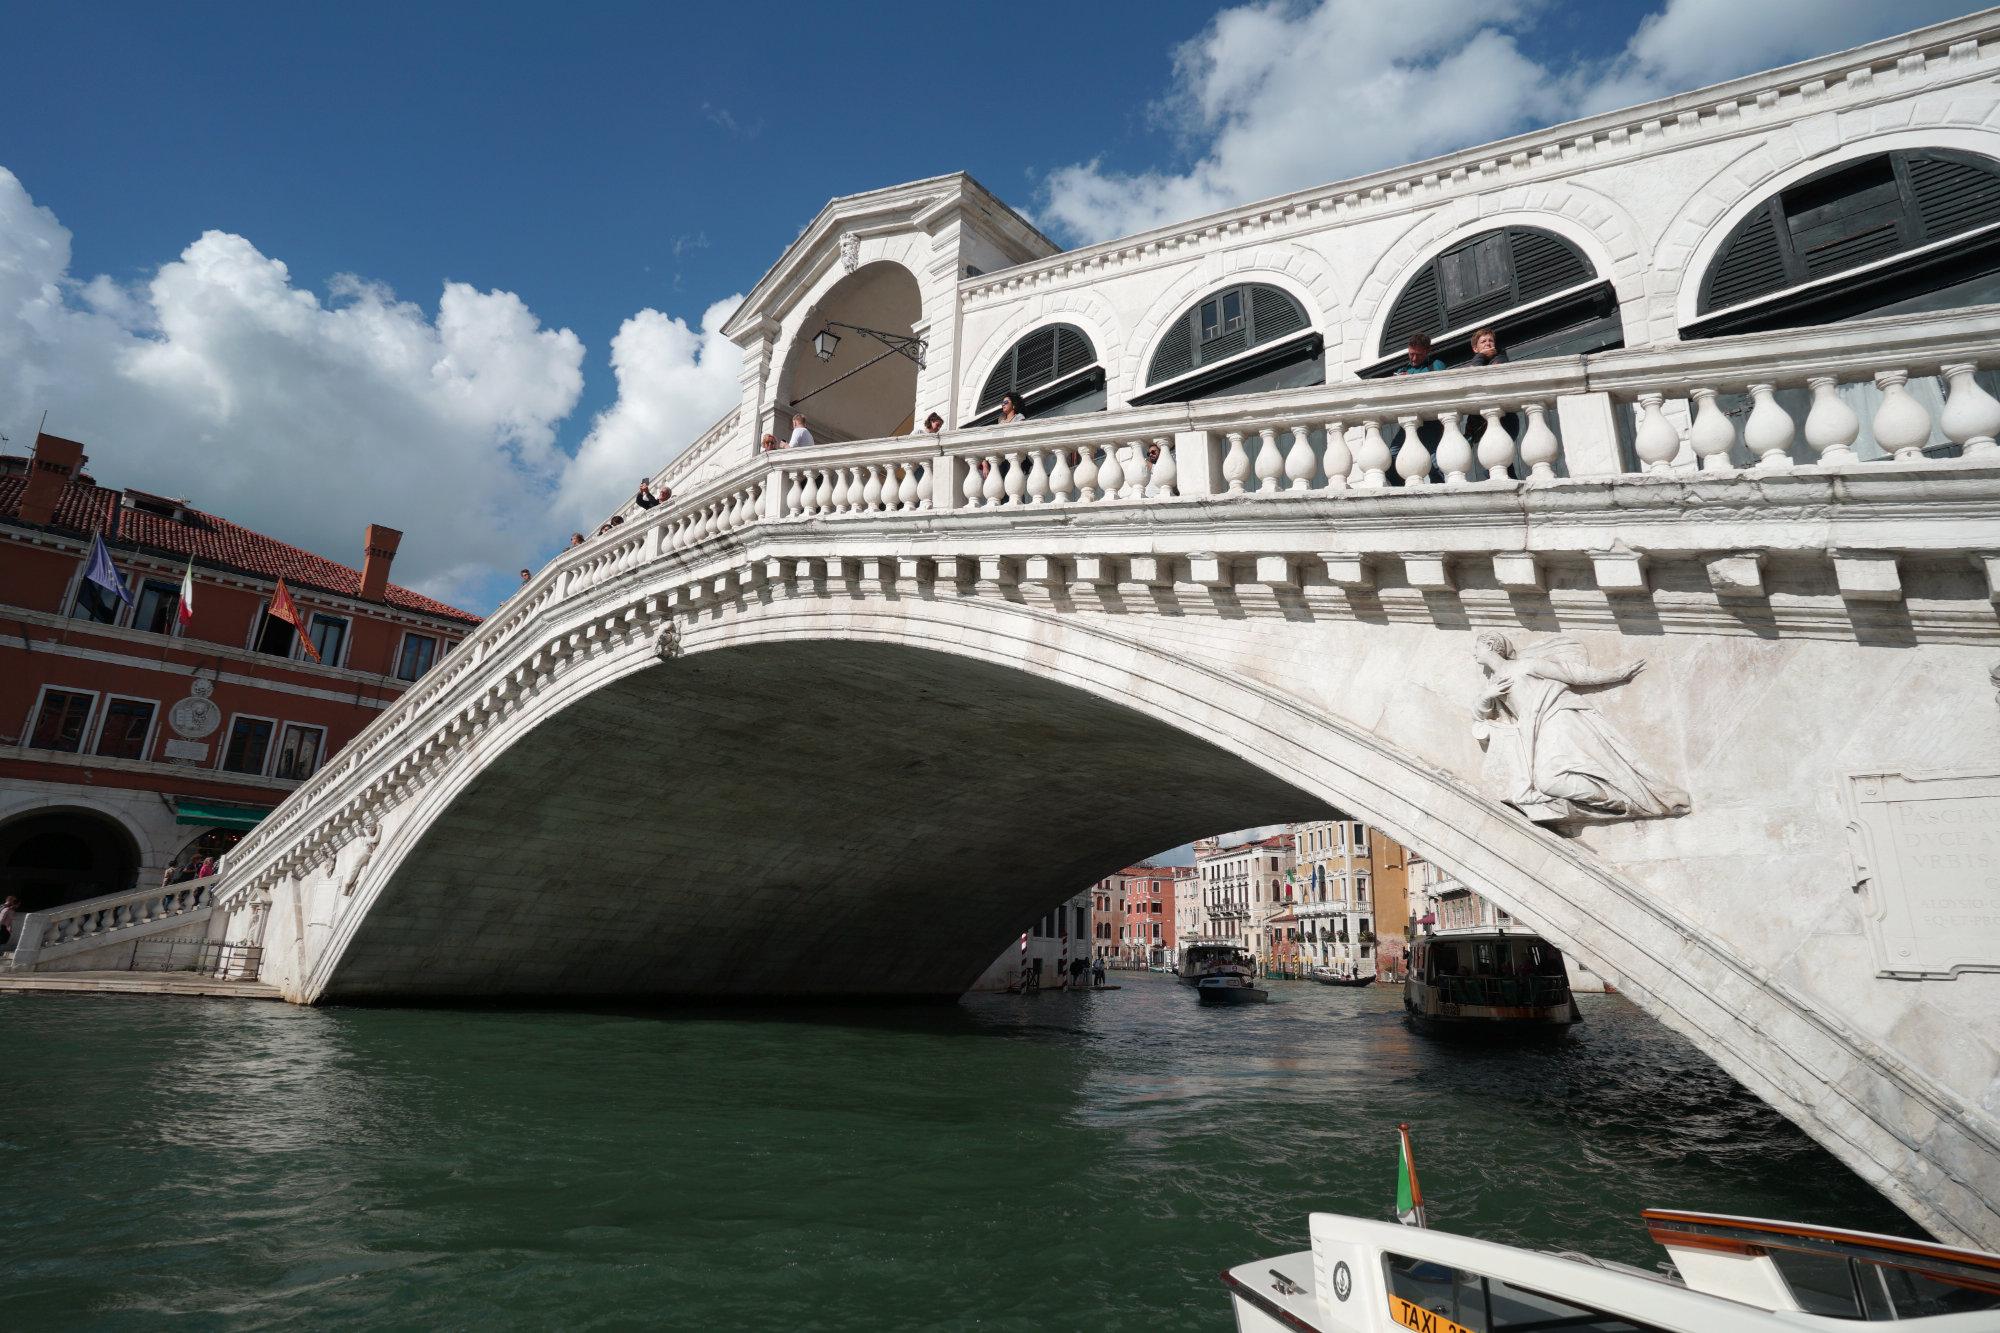 Venedig Rialtobrücke von vorn